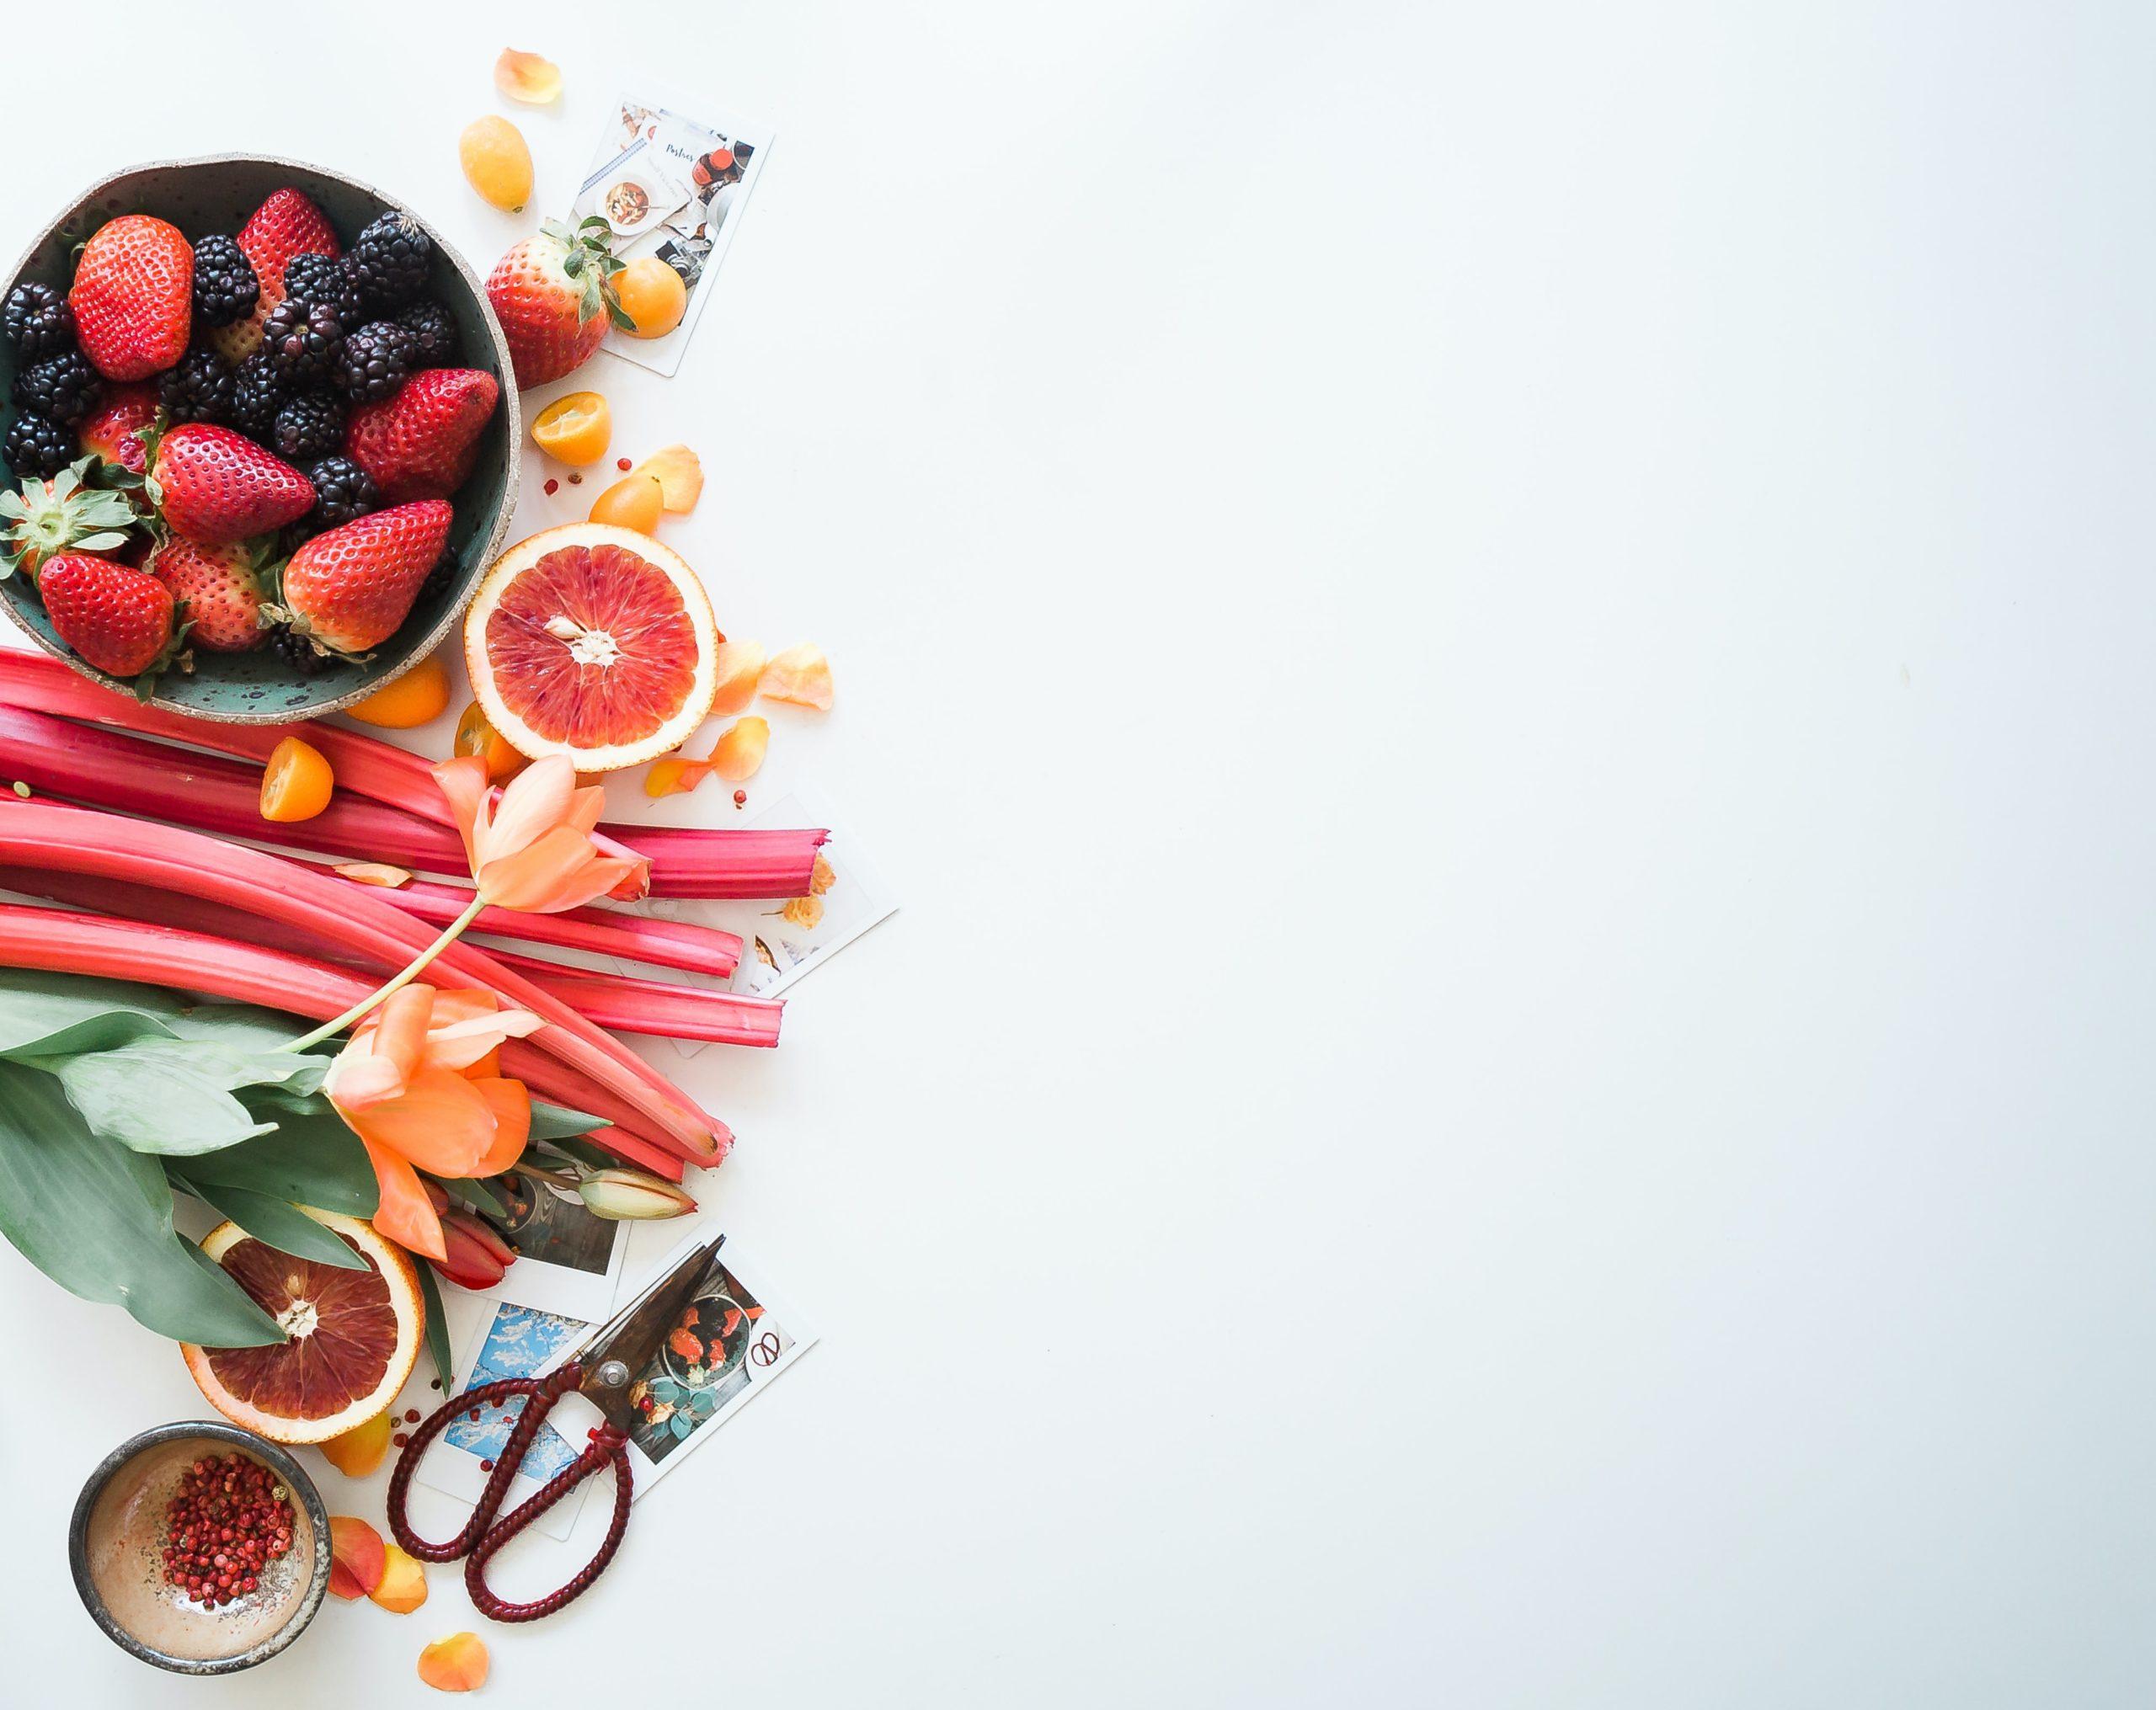 dietista-nutricionista-online